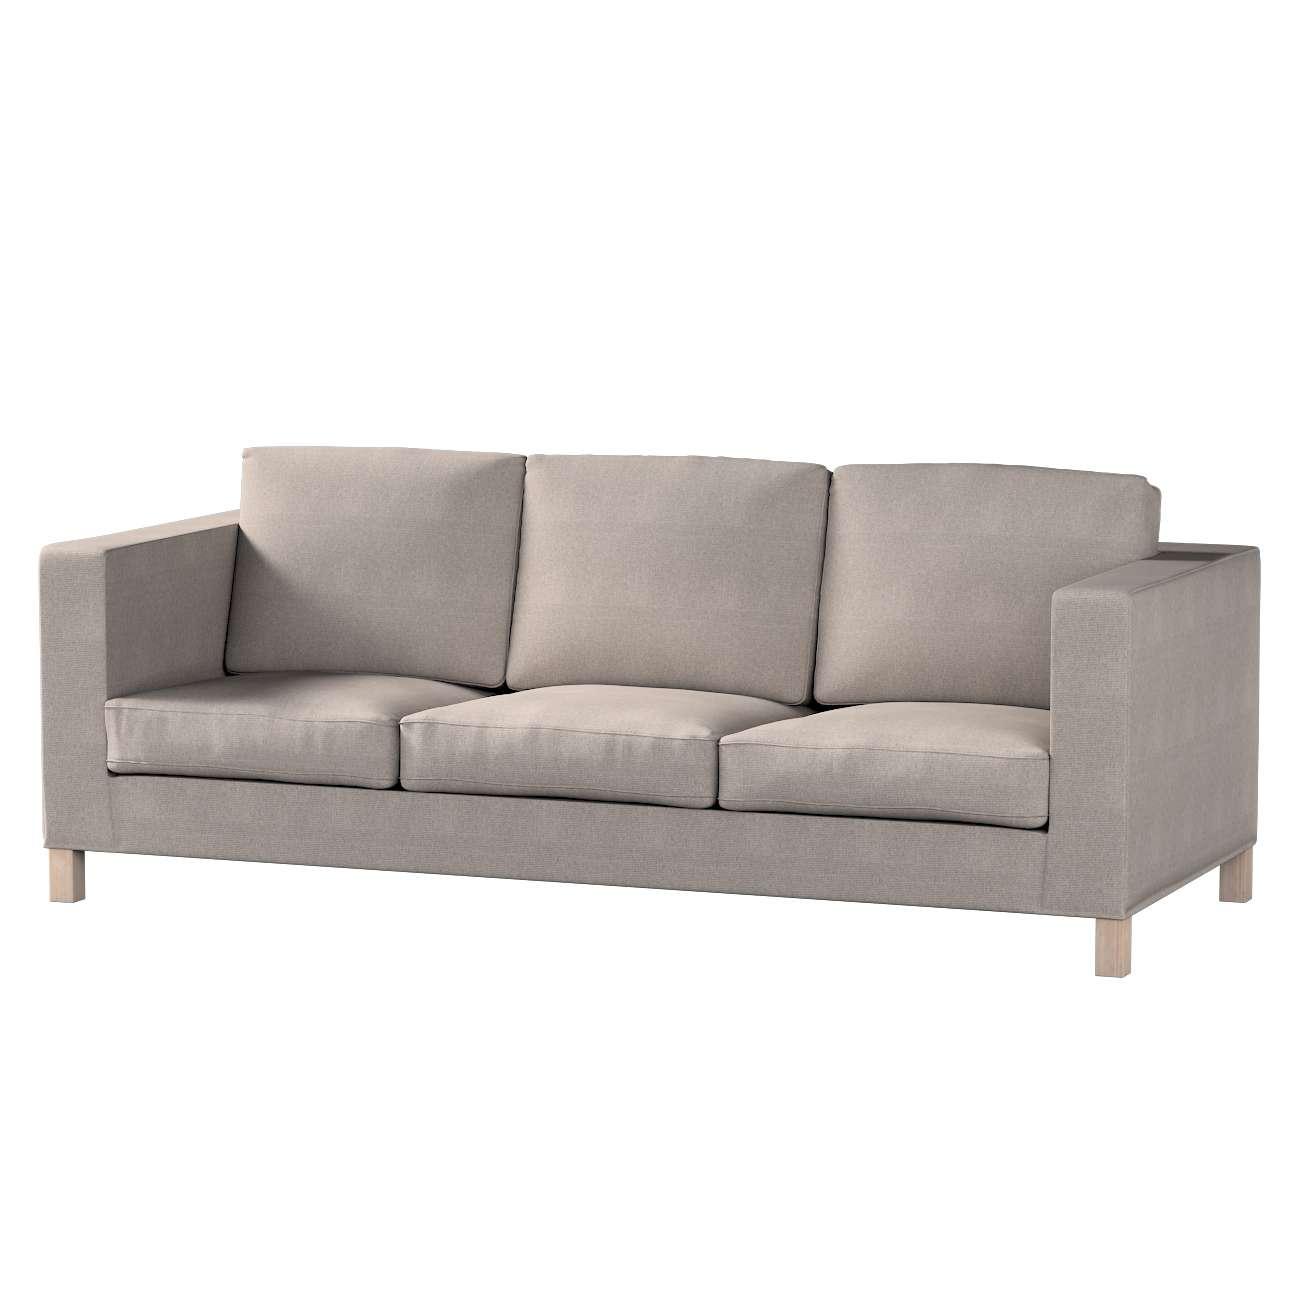 Karlanda klädsel <br>3-sits soffa - kort klädsel i kollektionen Etna, Tyg: 705-09